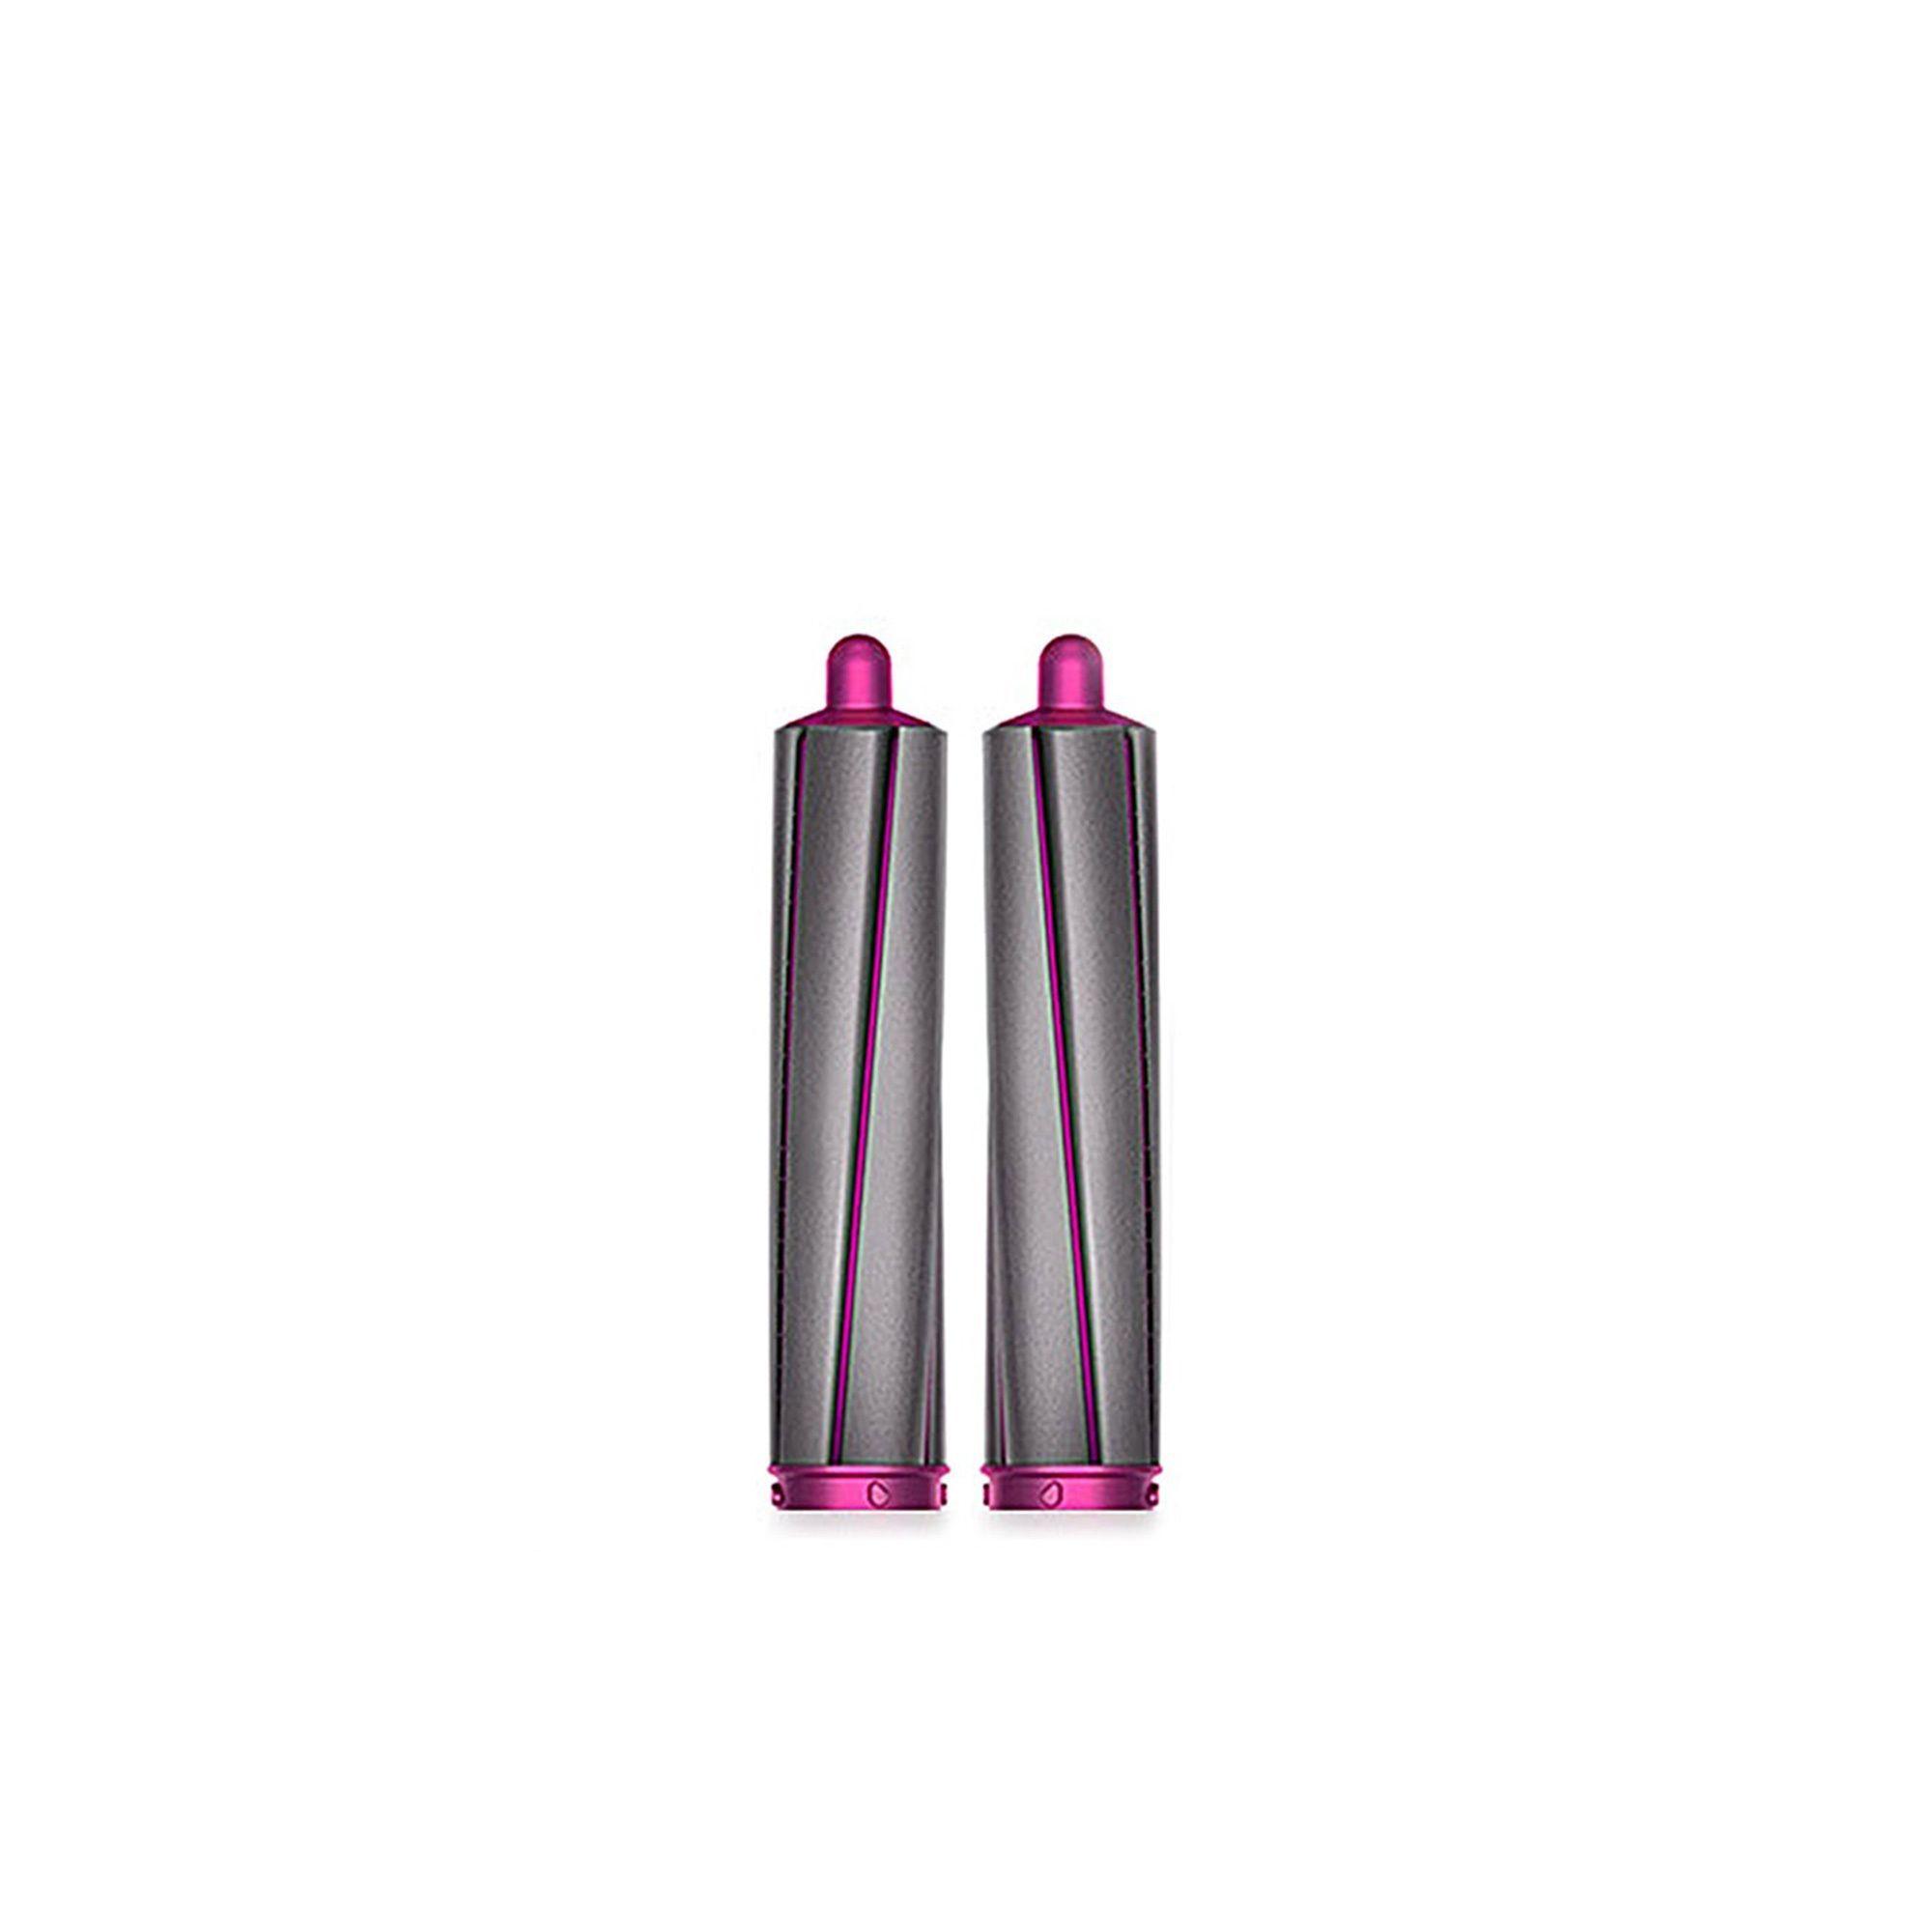 Image of Coni lunghi da 40mm per Dyson Airwrap™